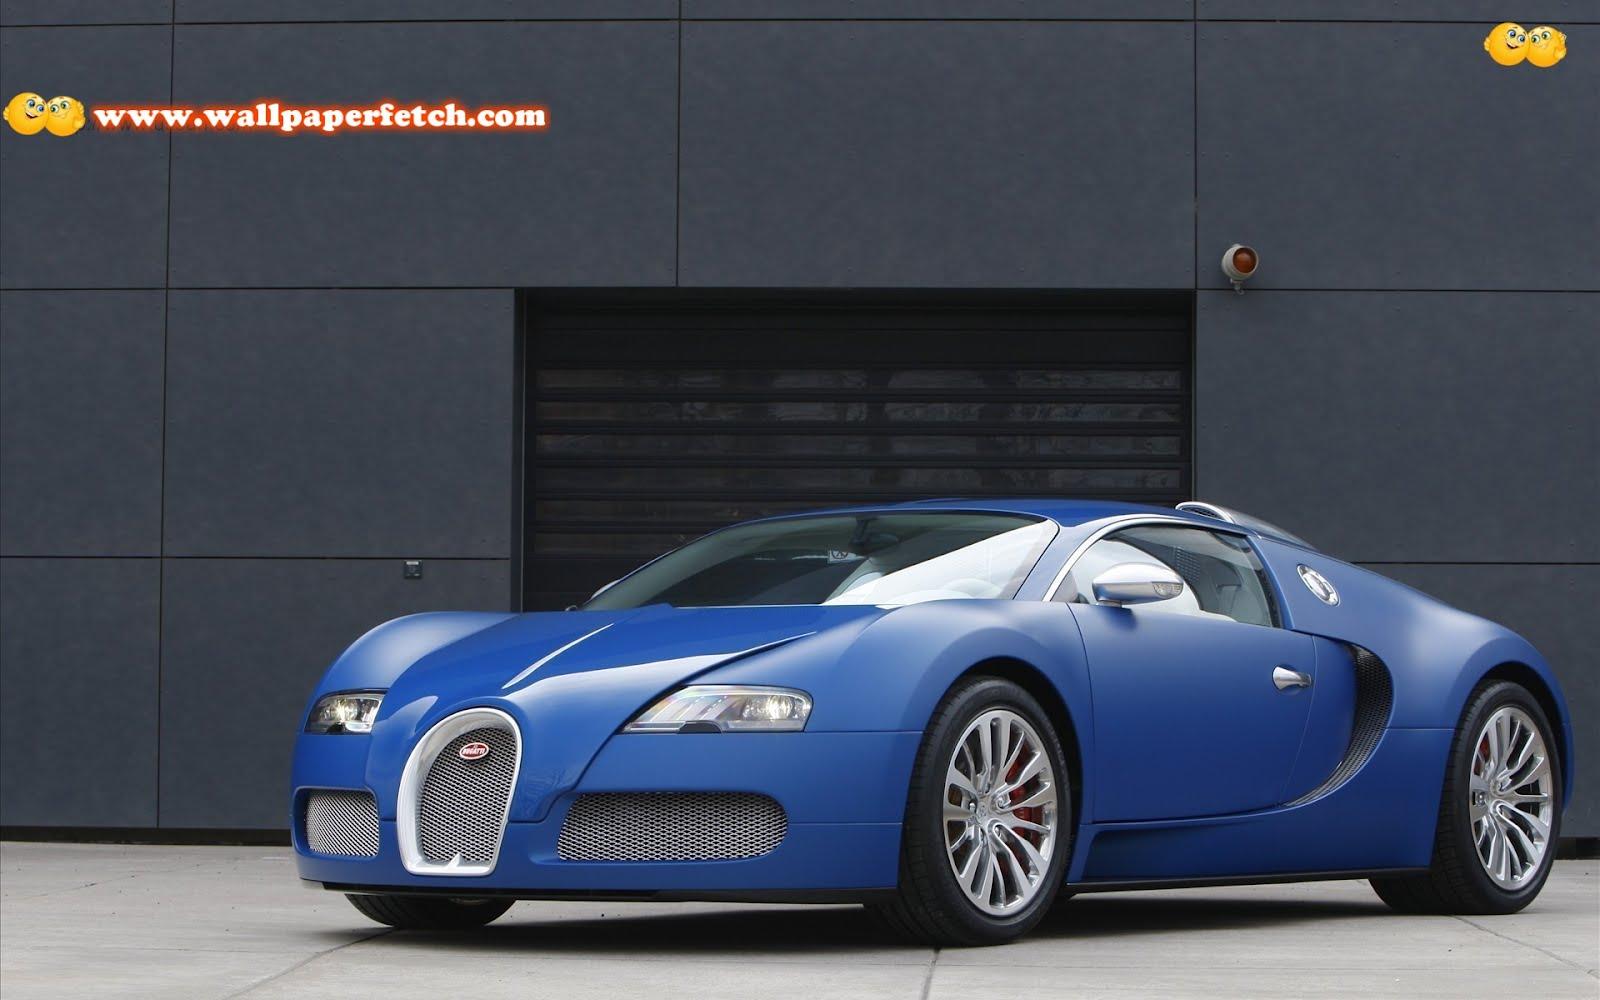 http://3.bp.blogspot.com/-RcB3DtC020w/T1XtqknhBUI/AAAAAAAAOhY/FksJ7bf4o1E/s1600/bugatti-veyron-eb-16-4-7831-1920x1200.jpg